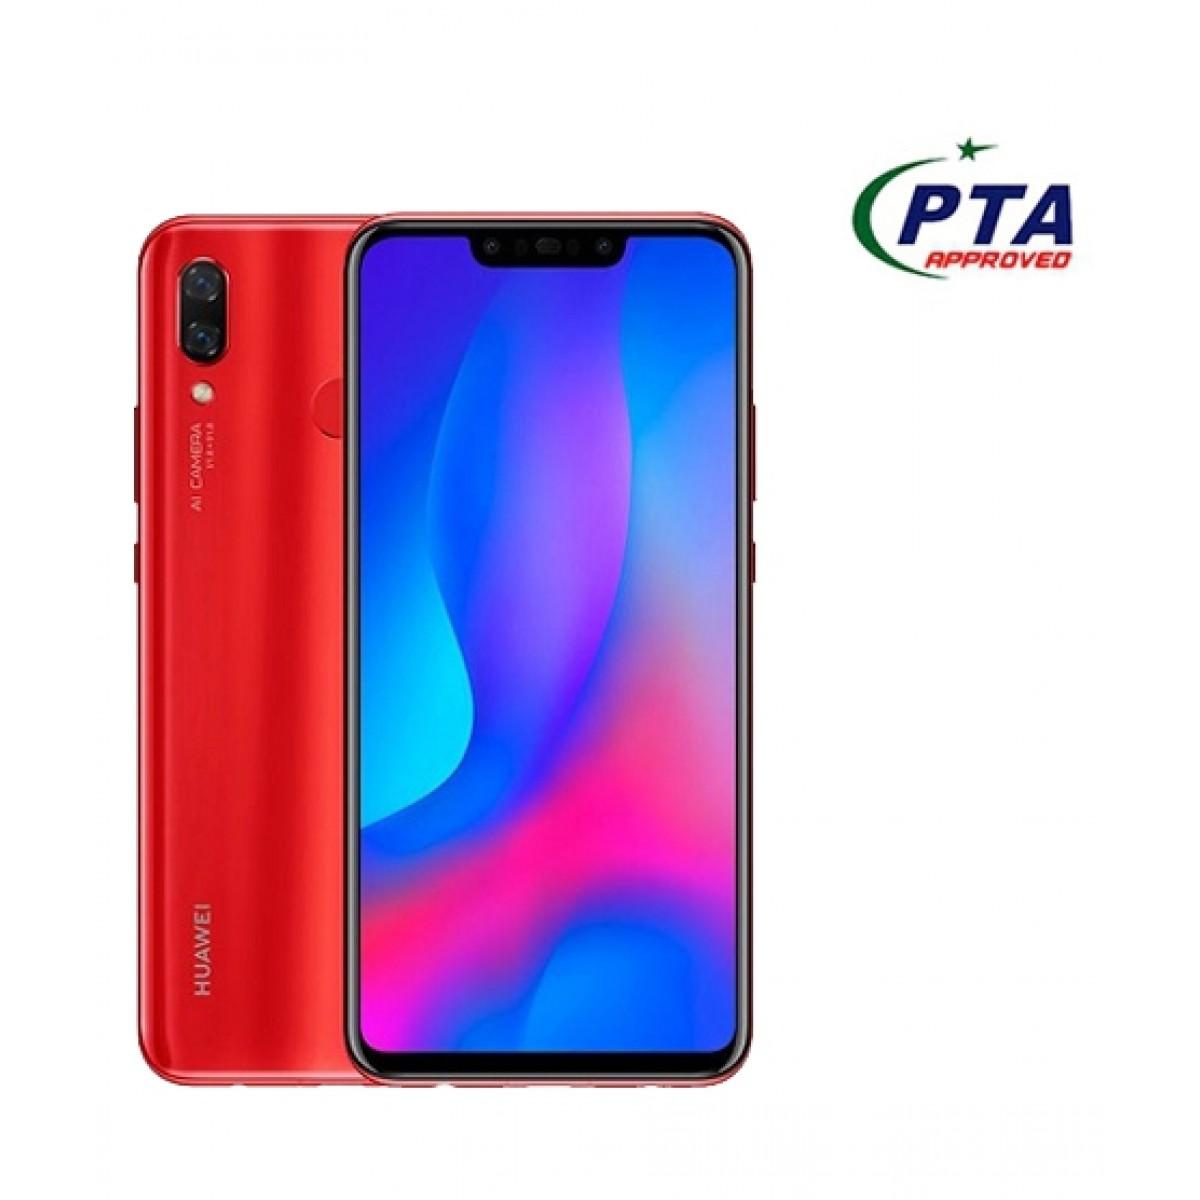 Huawei Nova 3 128GB Dual Sim Red